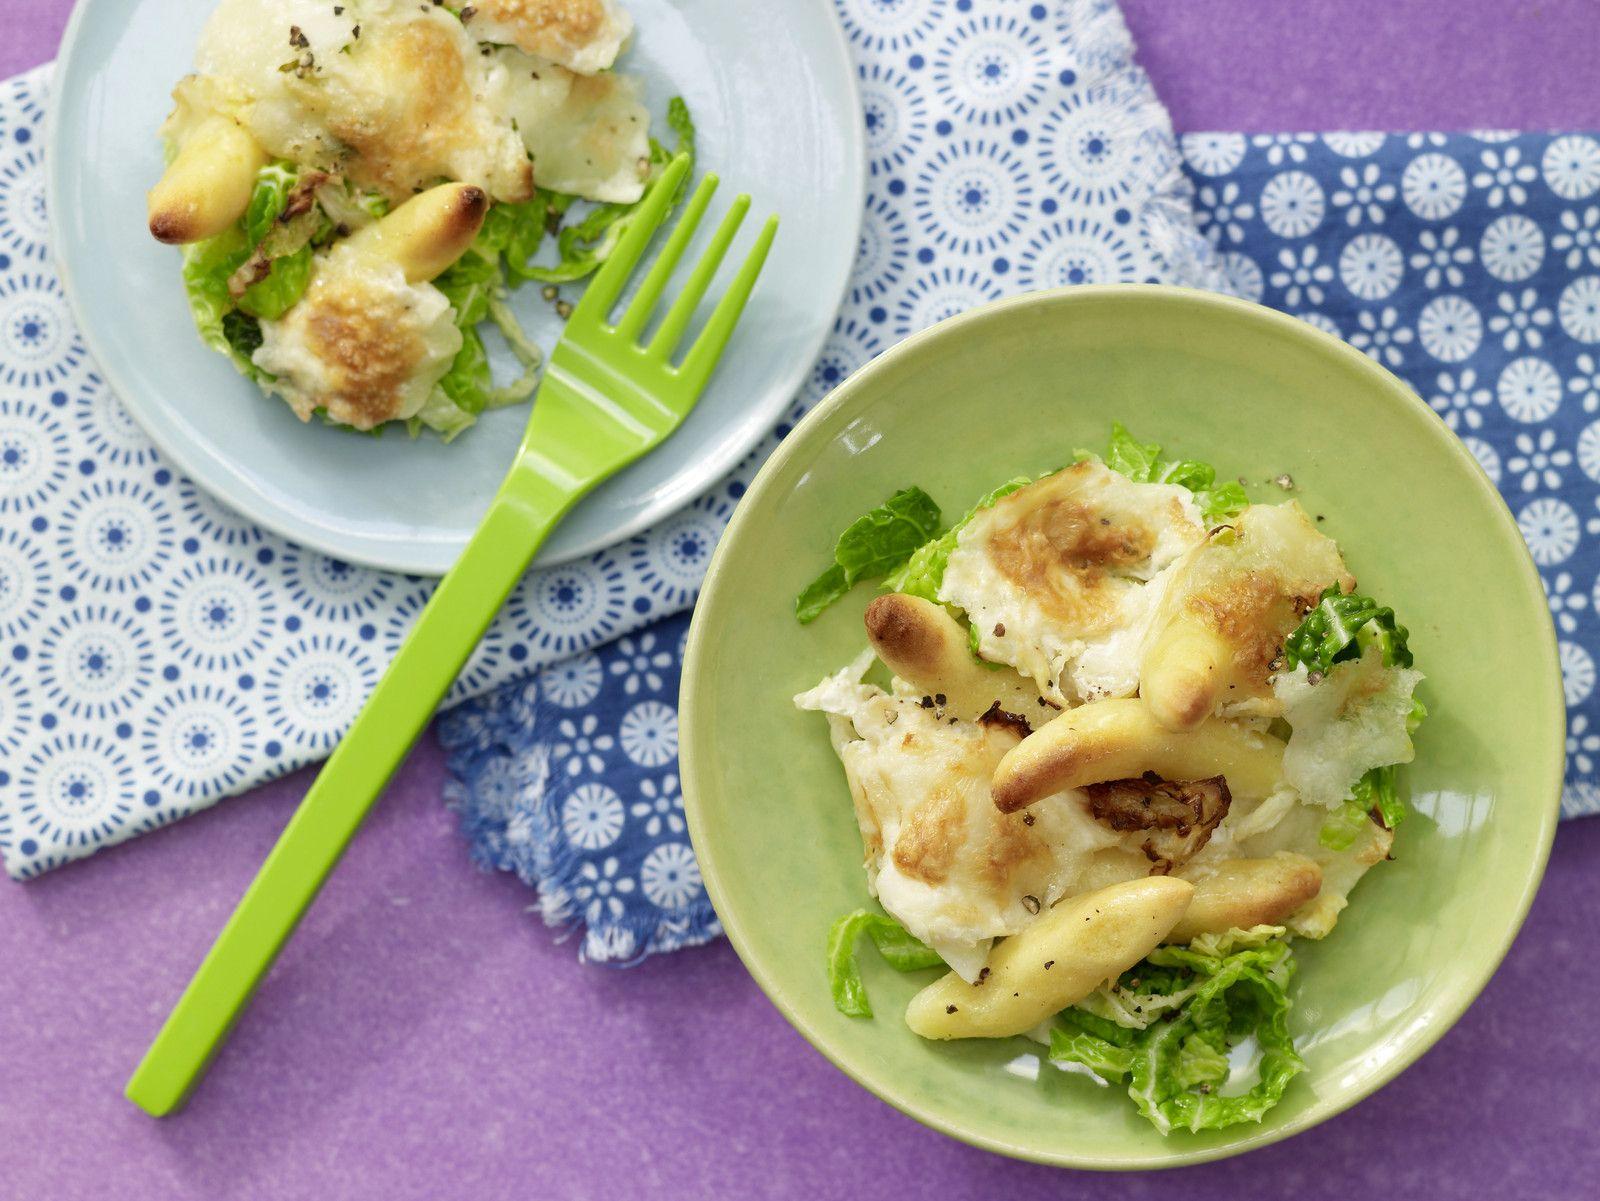 Gesunde Sommerküche Rezepte : Kochbuch gesunde rezepte für kinder eat smarter